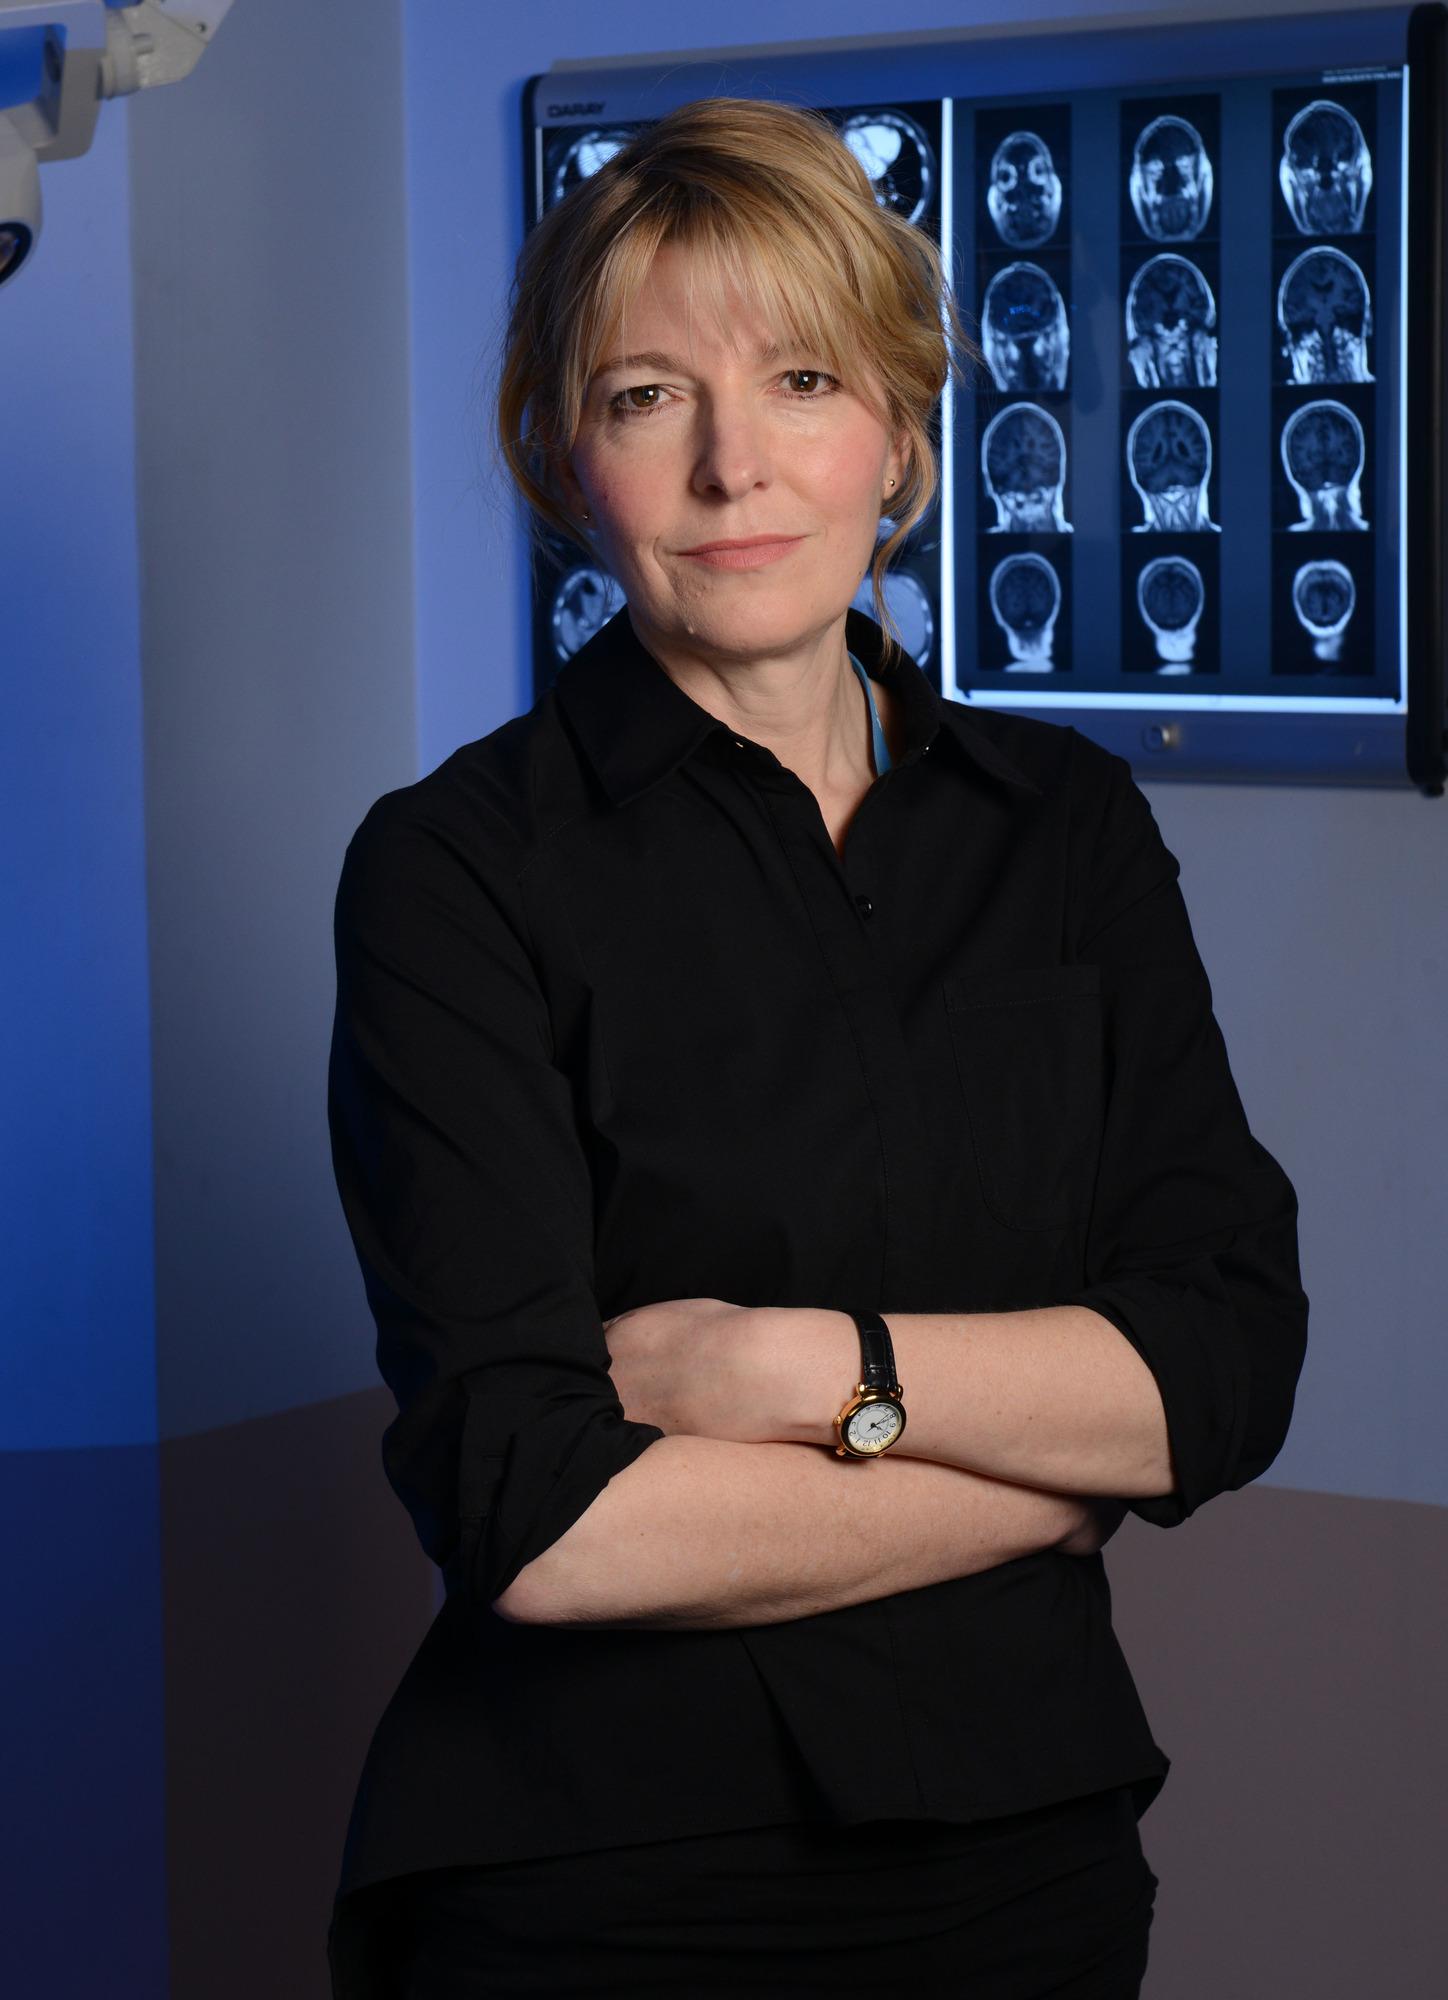 Jemma Redgrave in dr who